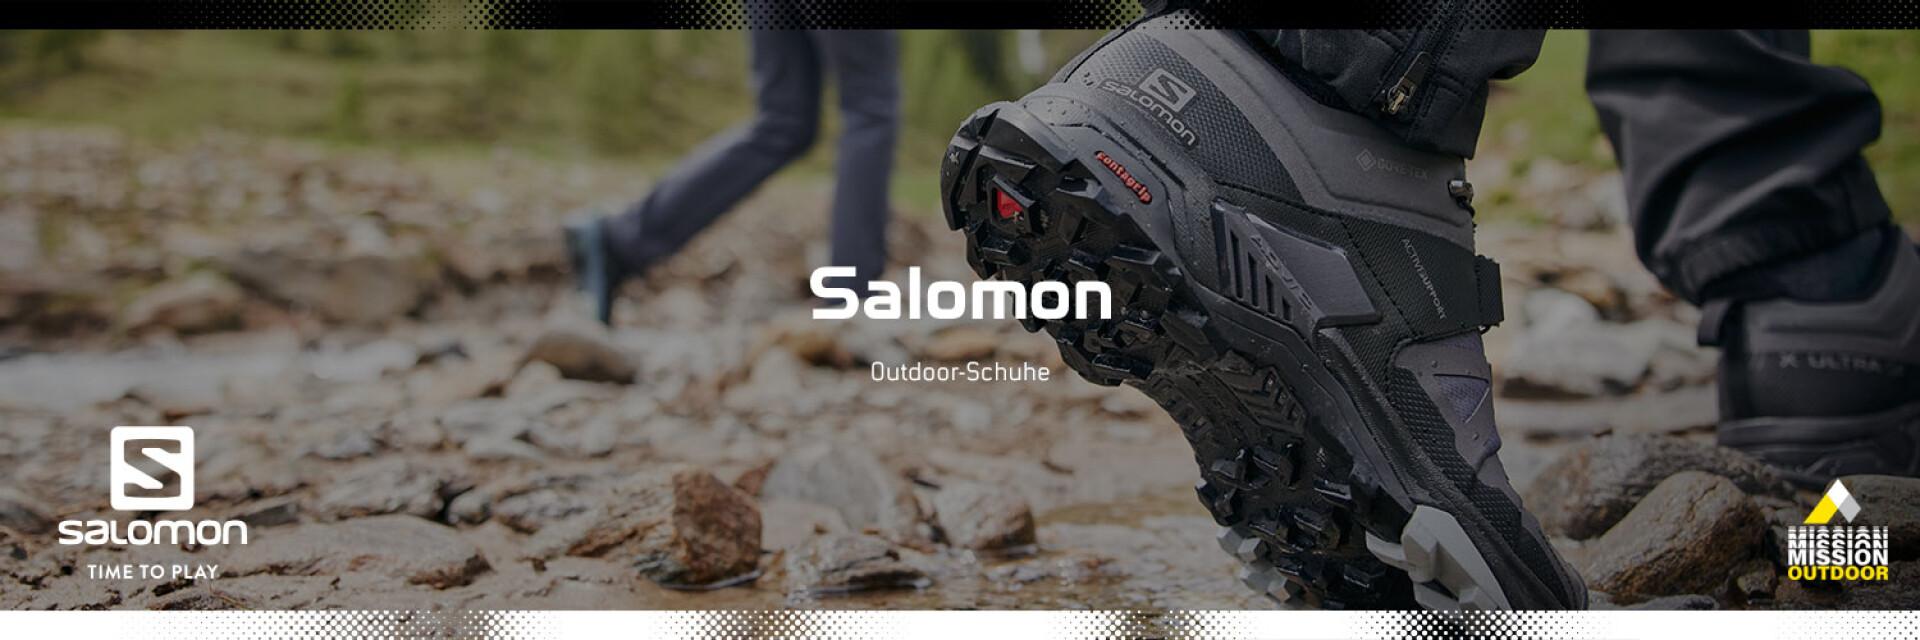 Salomon in der MISSION OUTDOOR